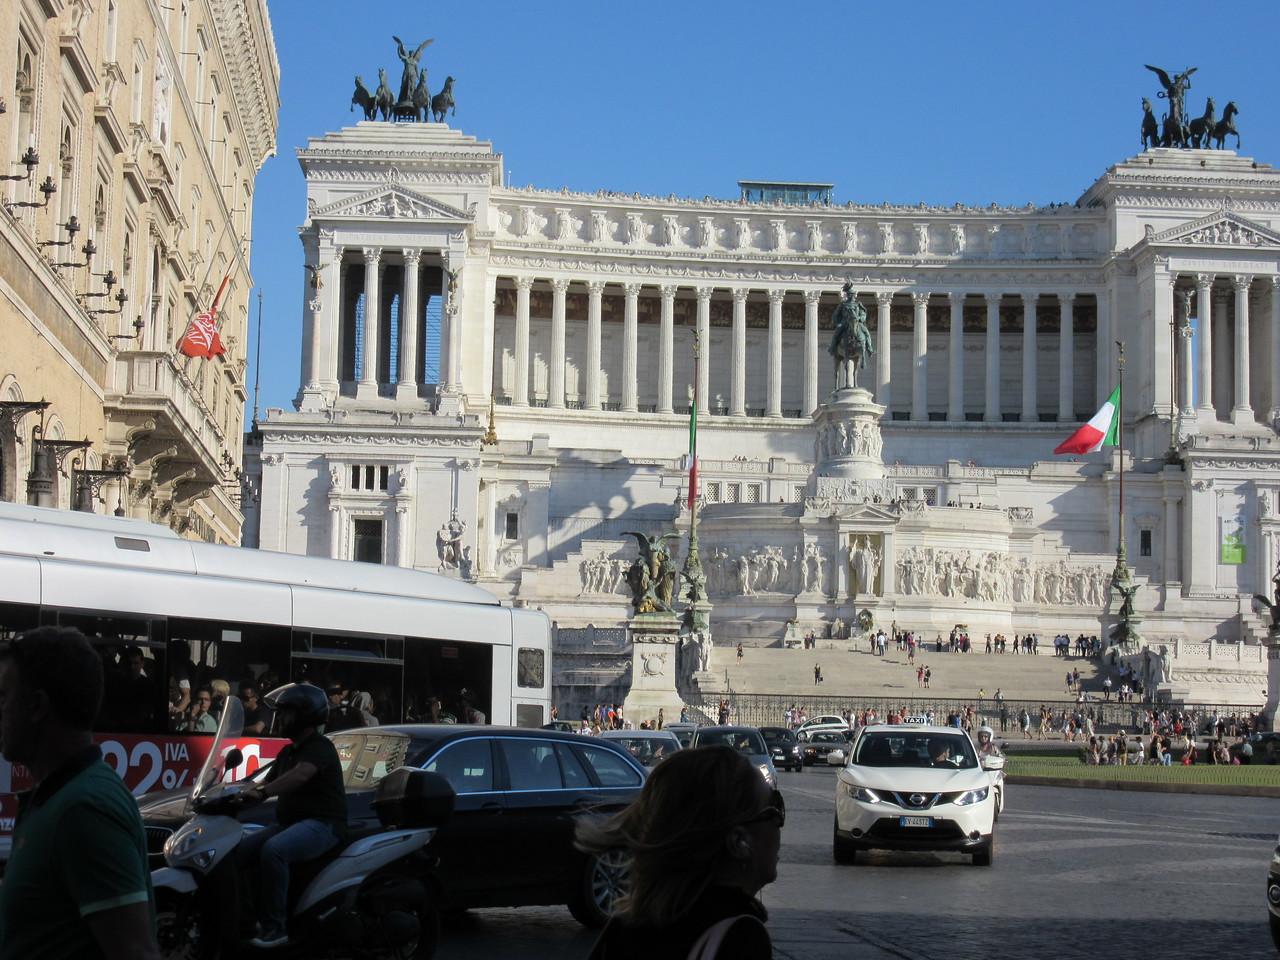 Altare della Patria--Capital of Rome--Altar of the Fatherland